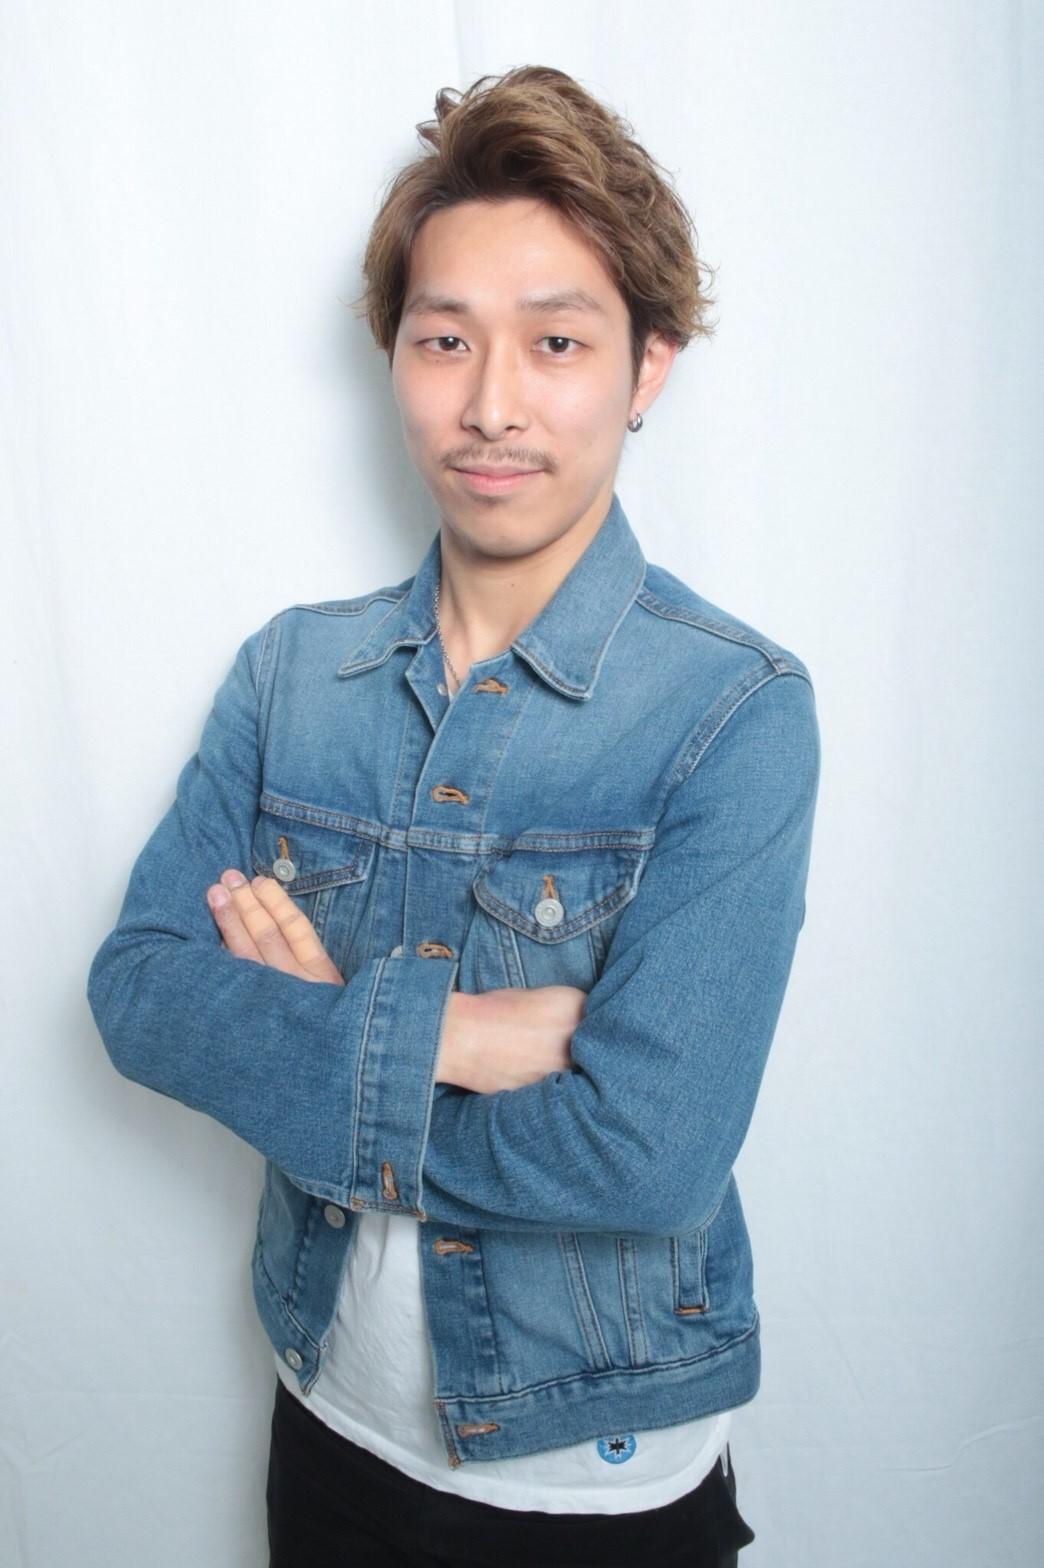 小峰孝太 コミネコウタ